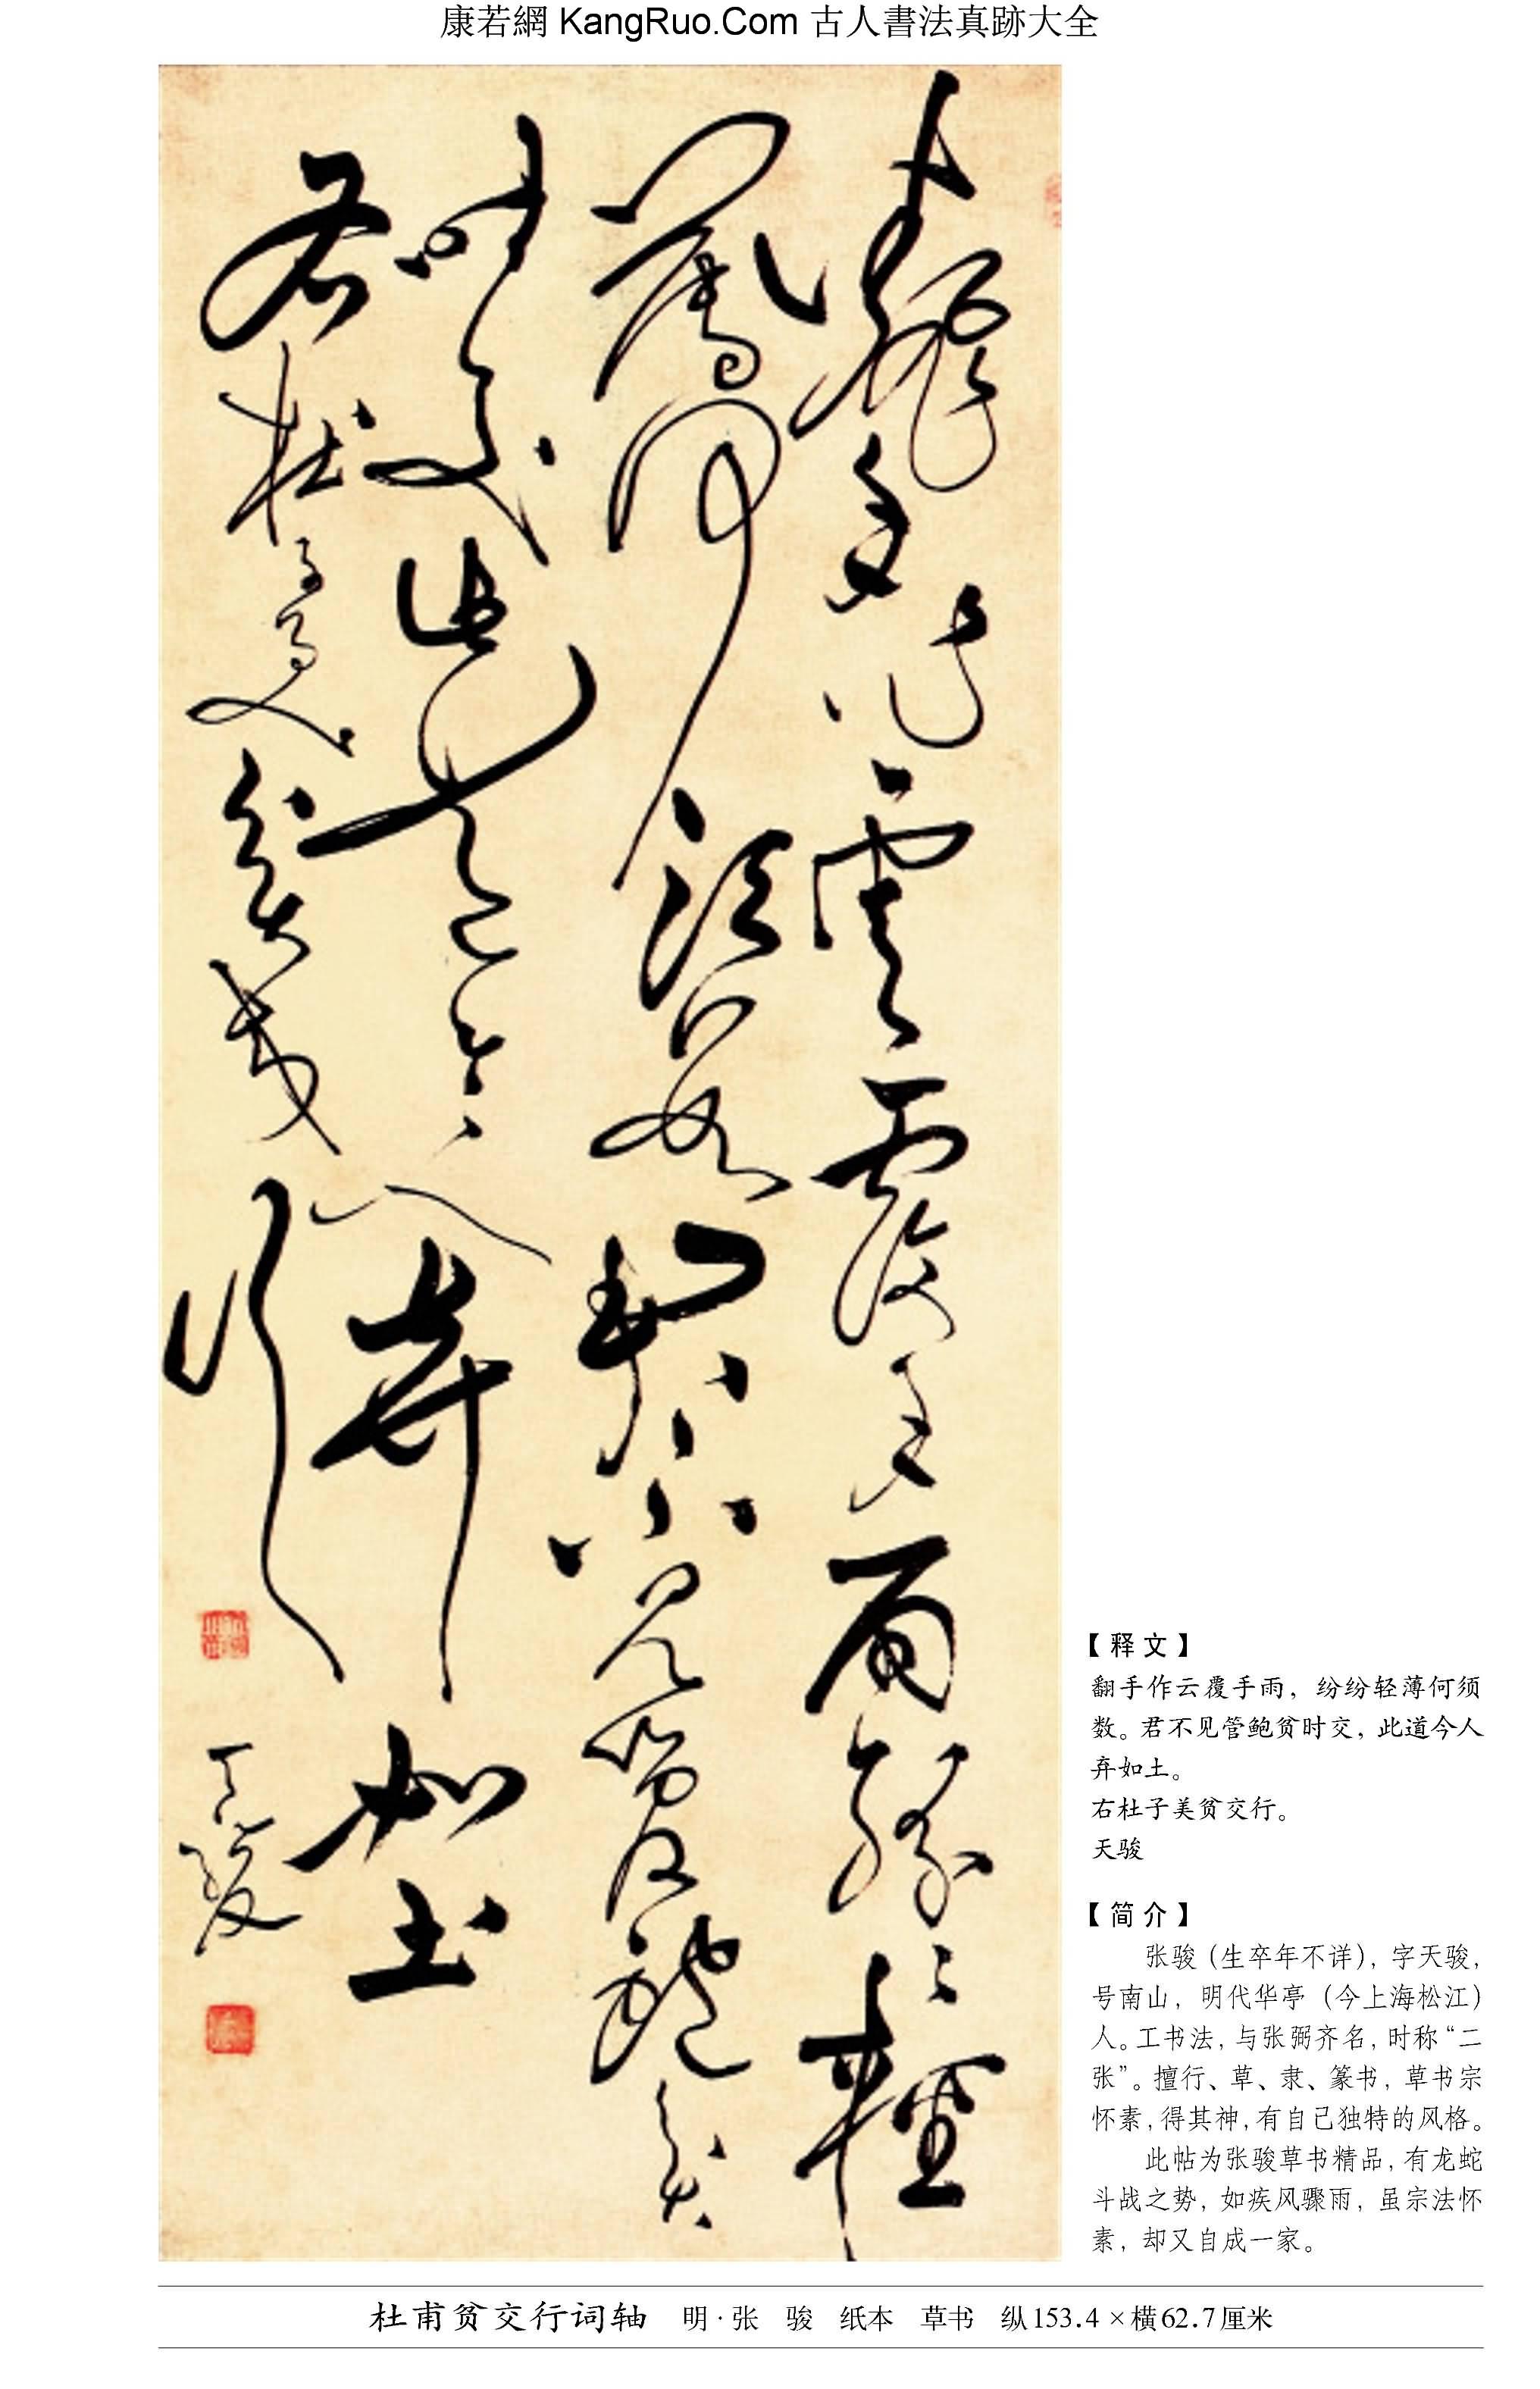 《杜甫貧交行詞軸》書法真跡(草書)【明朝·張駿】_00181